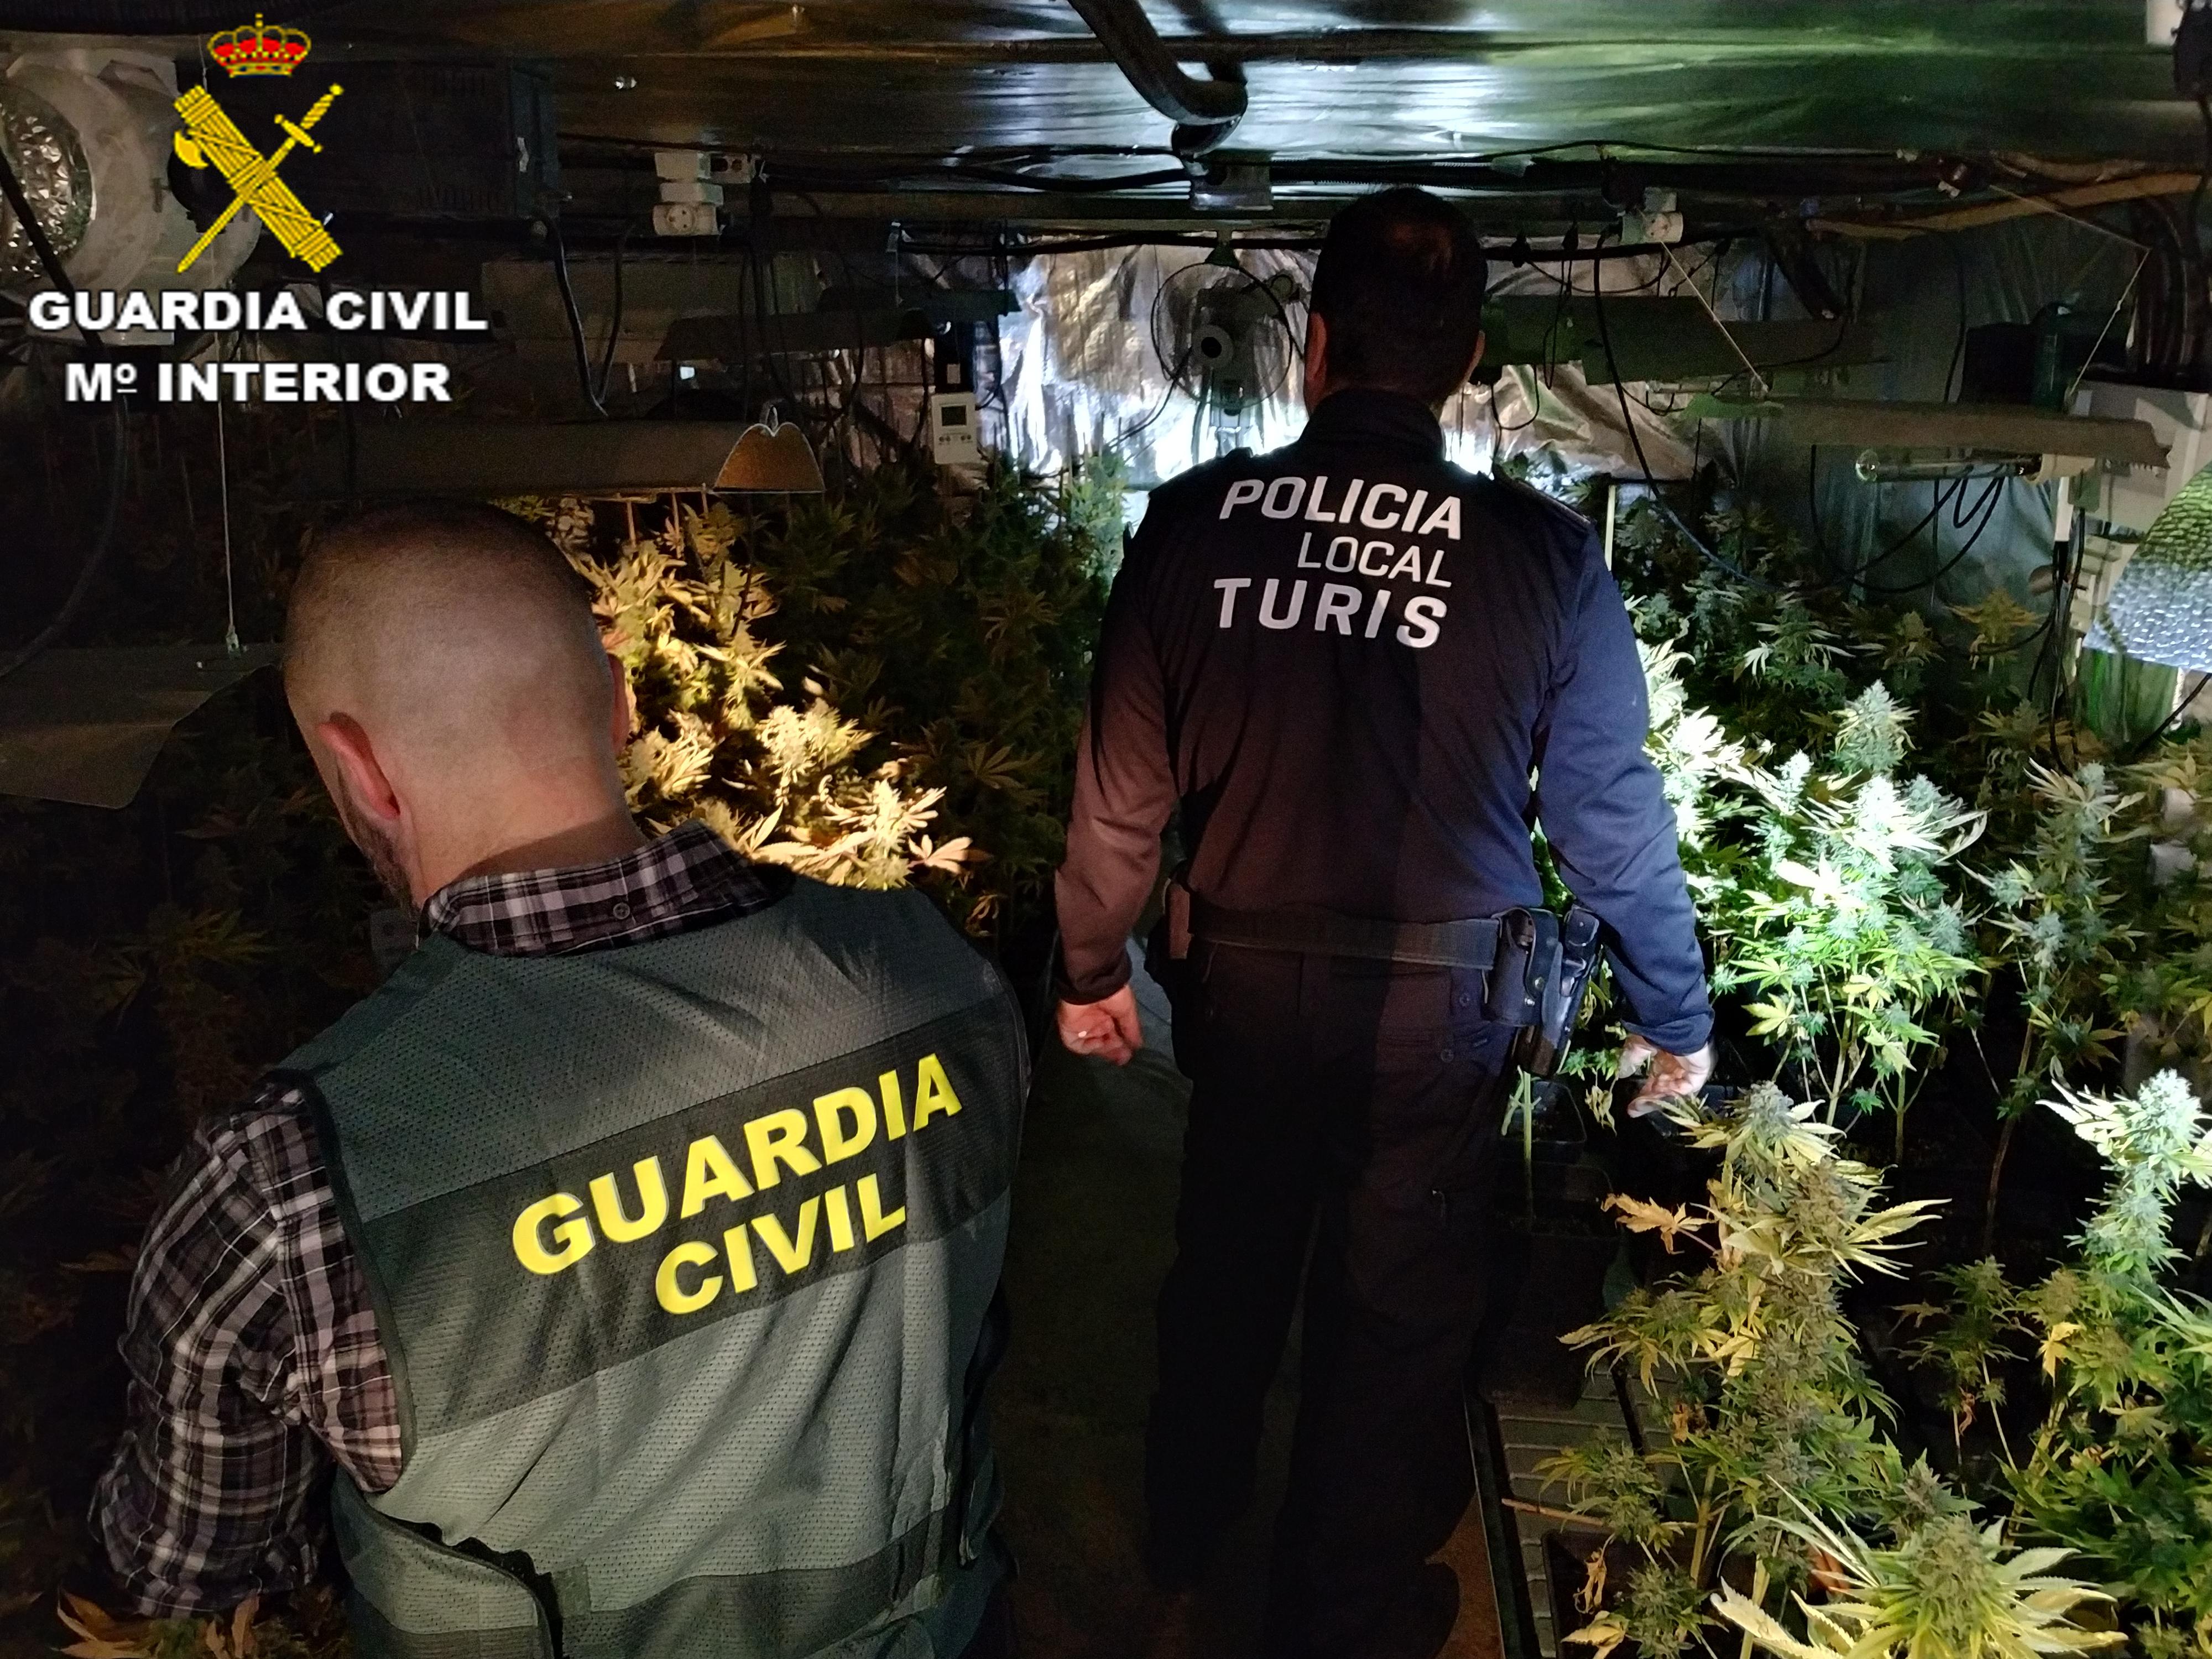 Con esta operación se han incautado 360 plantas de marihuana con un valor en el mercado de alrededor de 105.000 euros.